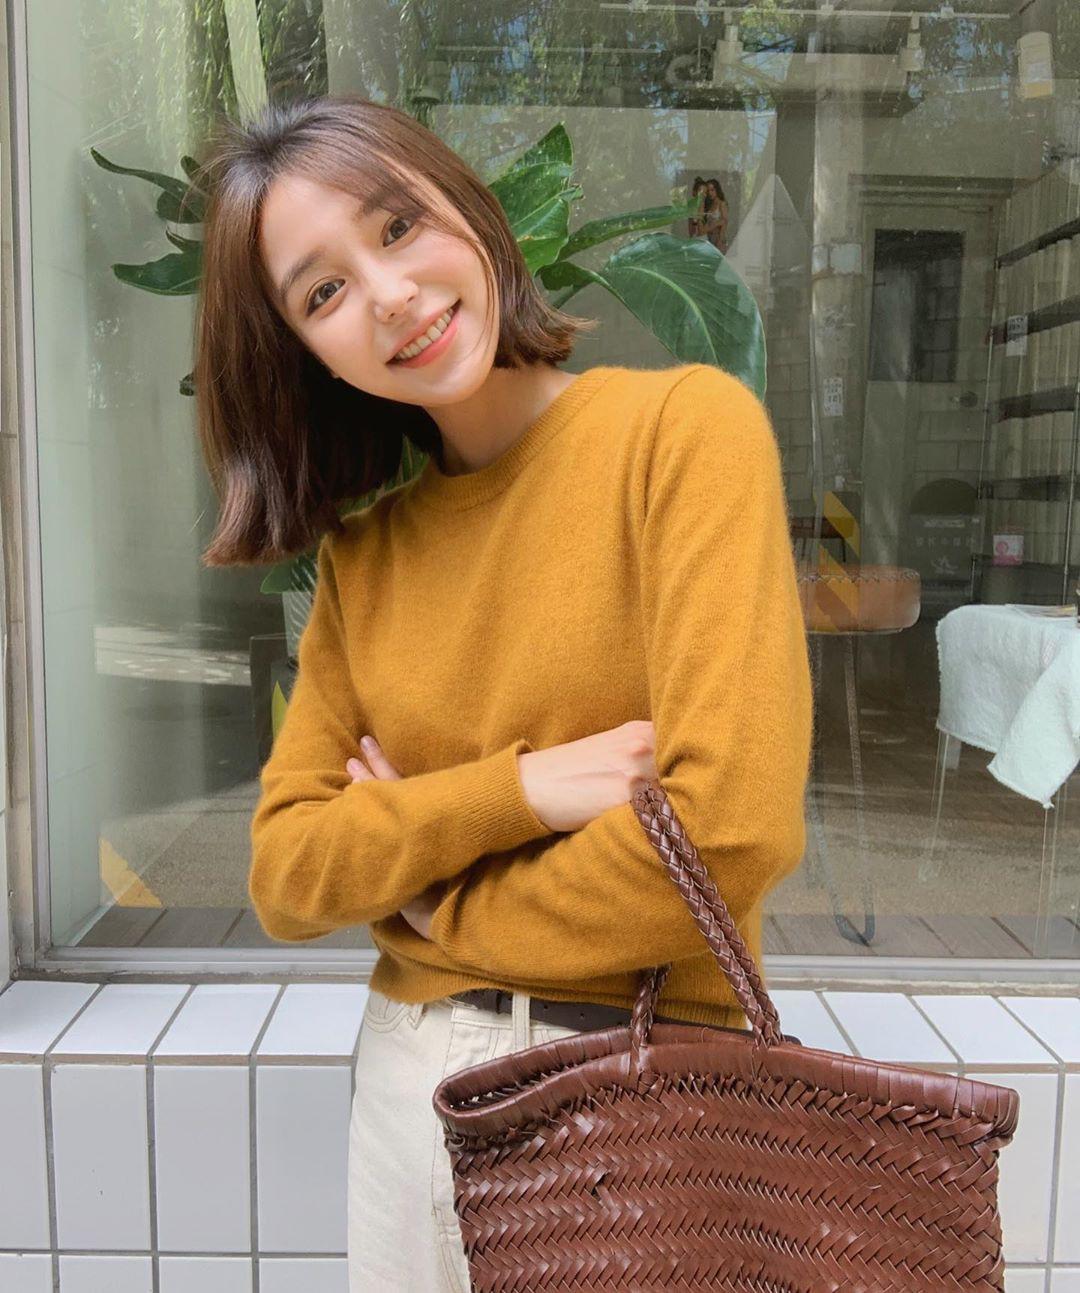 6 món thời trang Thu/Đông mà các nàng cao chưa đến 1m60 nên mạnh tay sắm - Ảnh 1